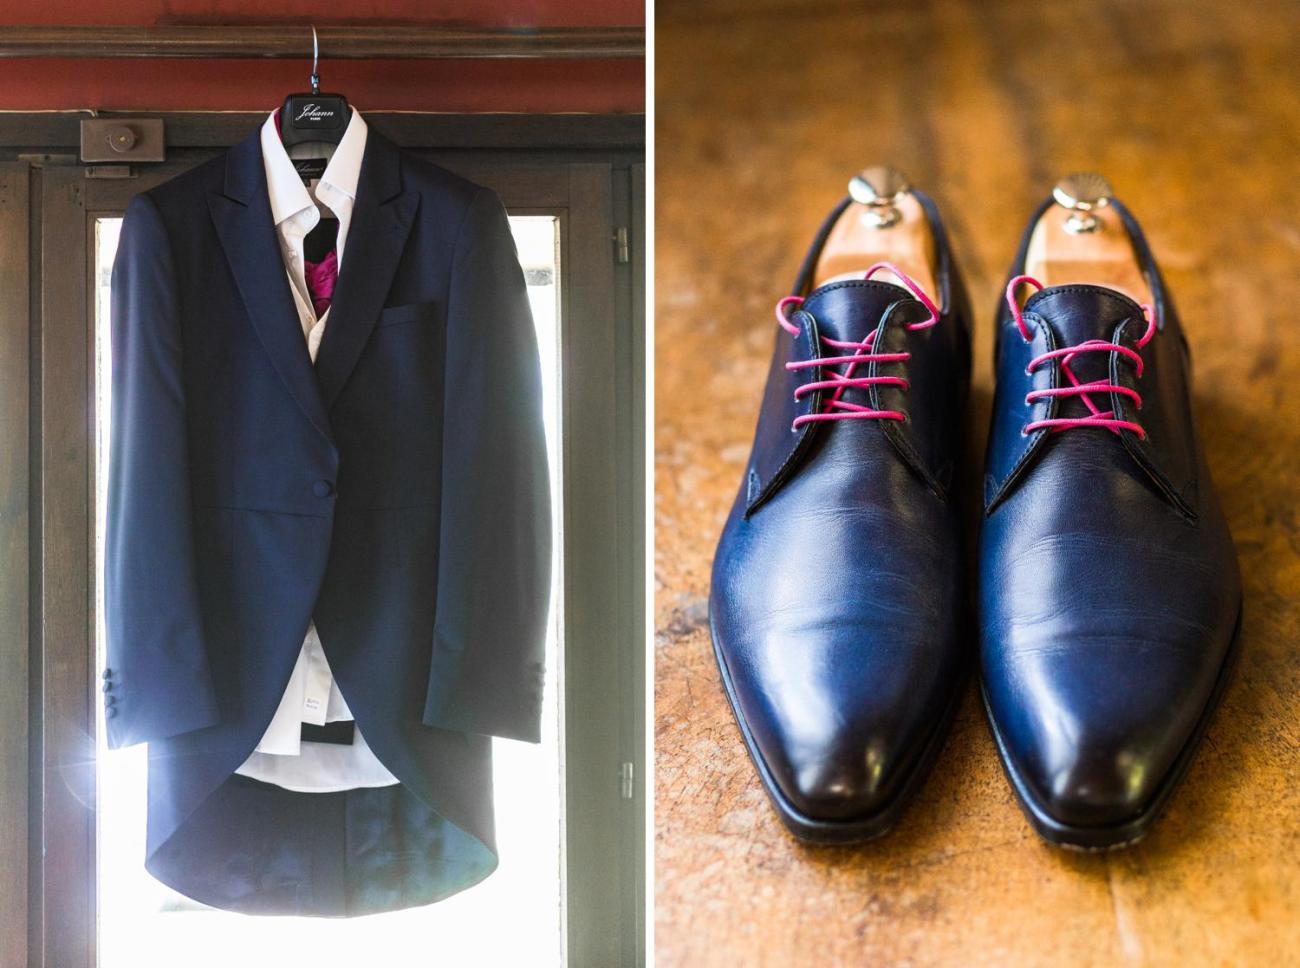 Costume et chaussures du marié